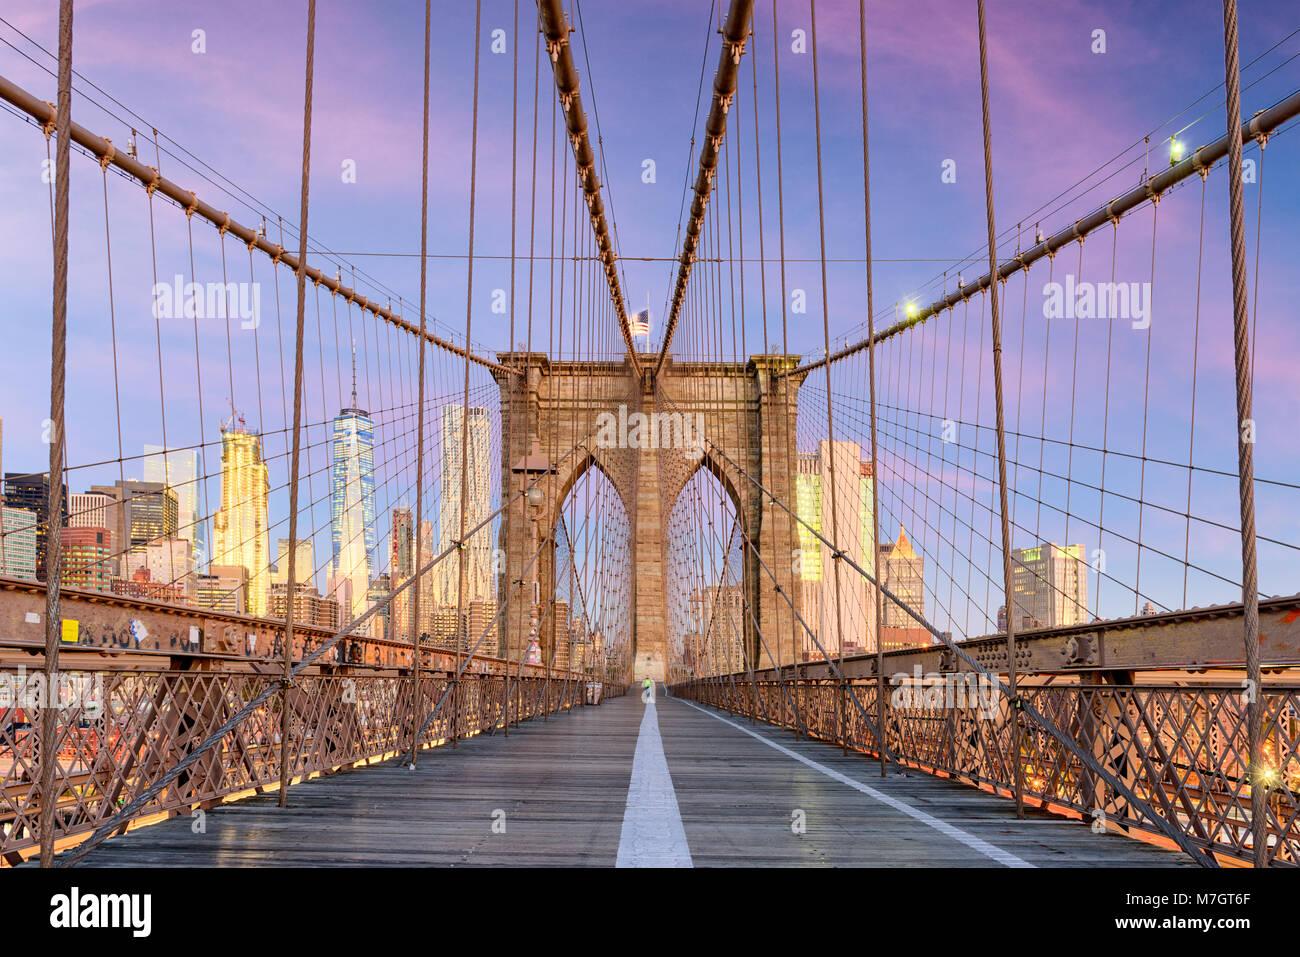 New York, New York auf der Brooklyn Bridge, Promenade mit Blick auf die Skyline von Manhattan in der Morgendämmerung. Stockbild